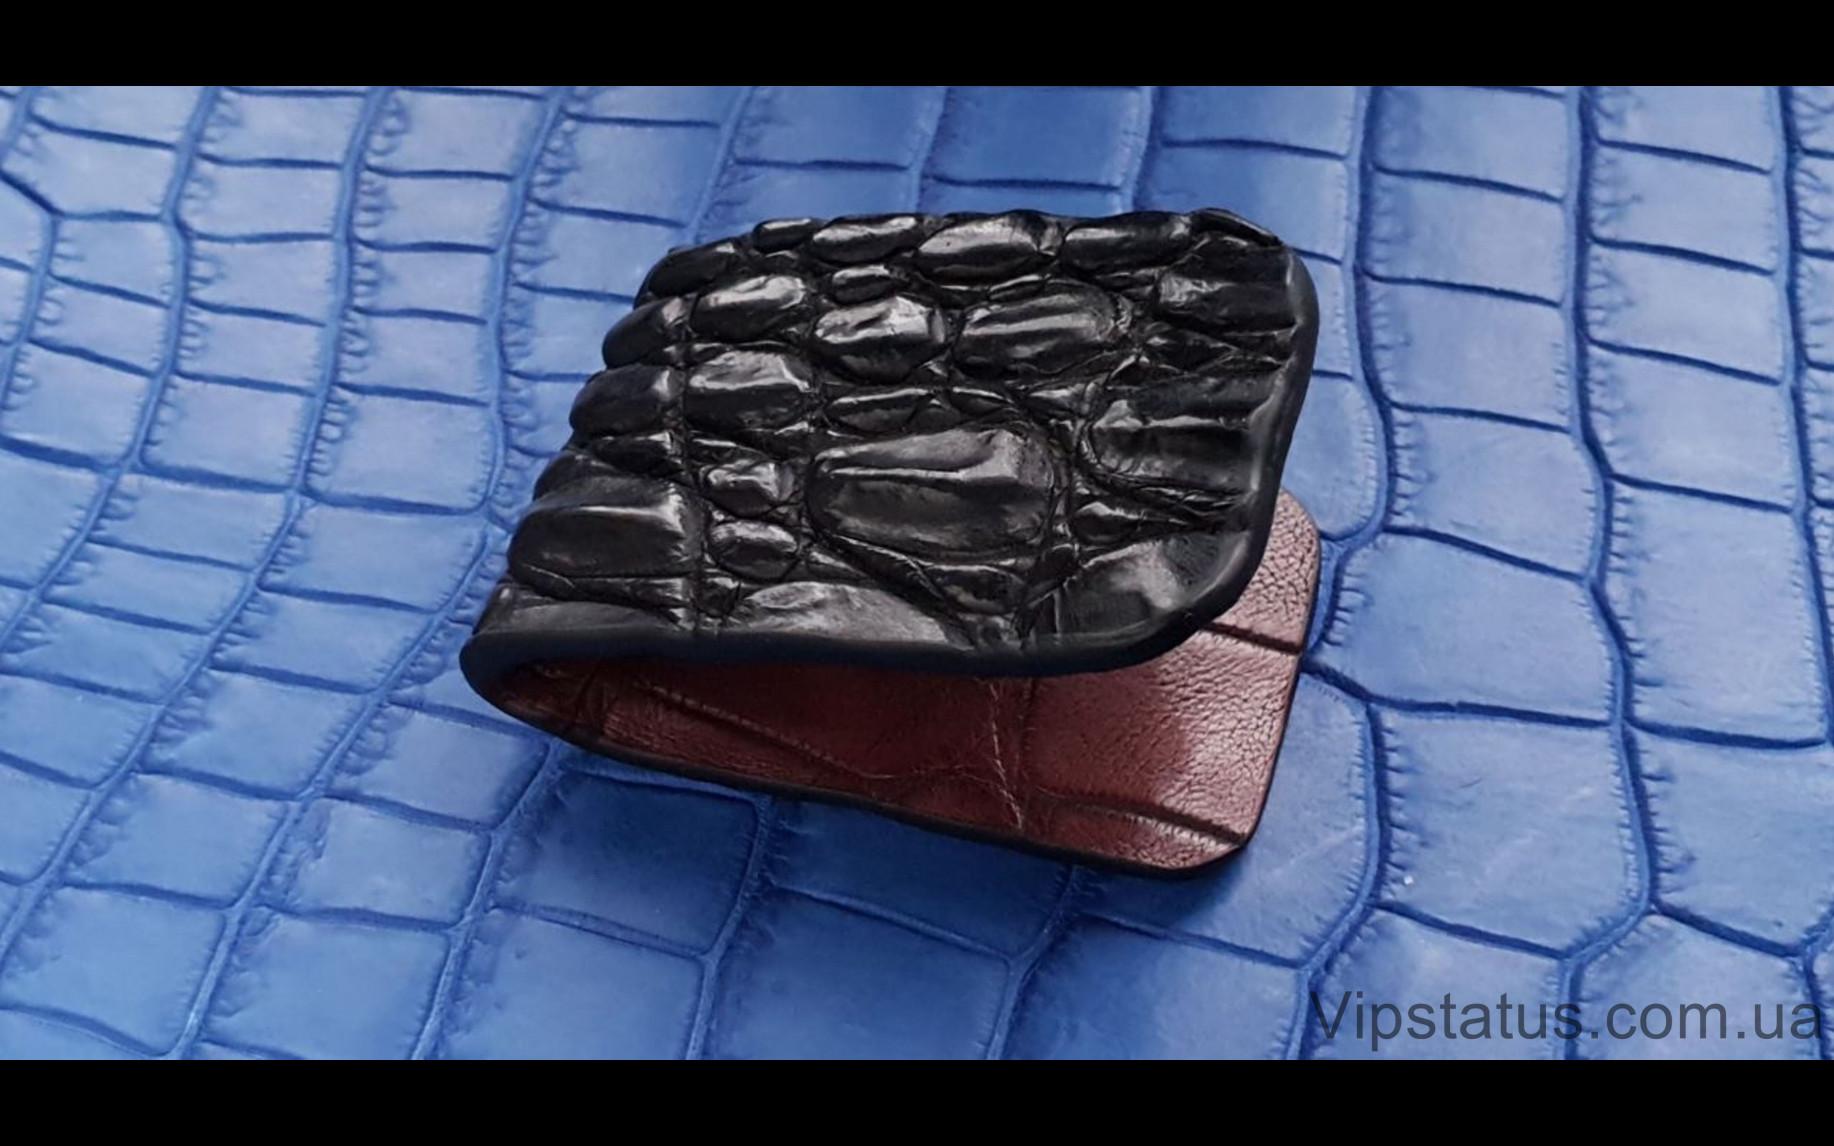 Элитный Black Crocodile Эксклюзивный зажим для купюр Black Crocodile Эксклюзивный зажим для купюр изображение 1